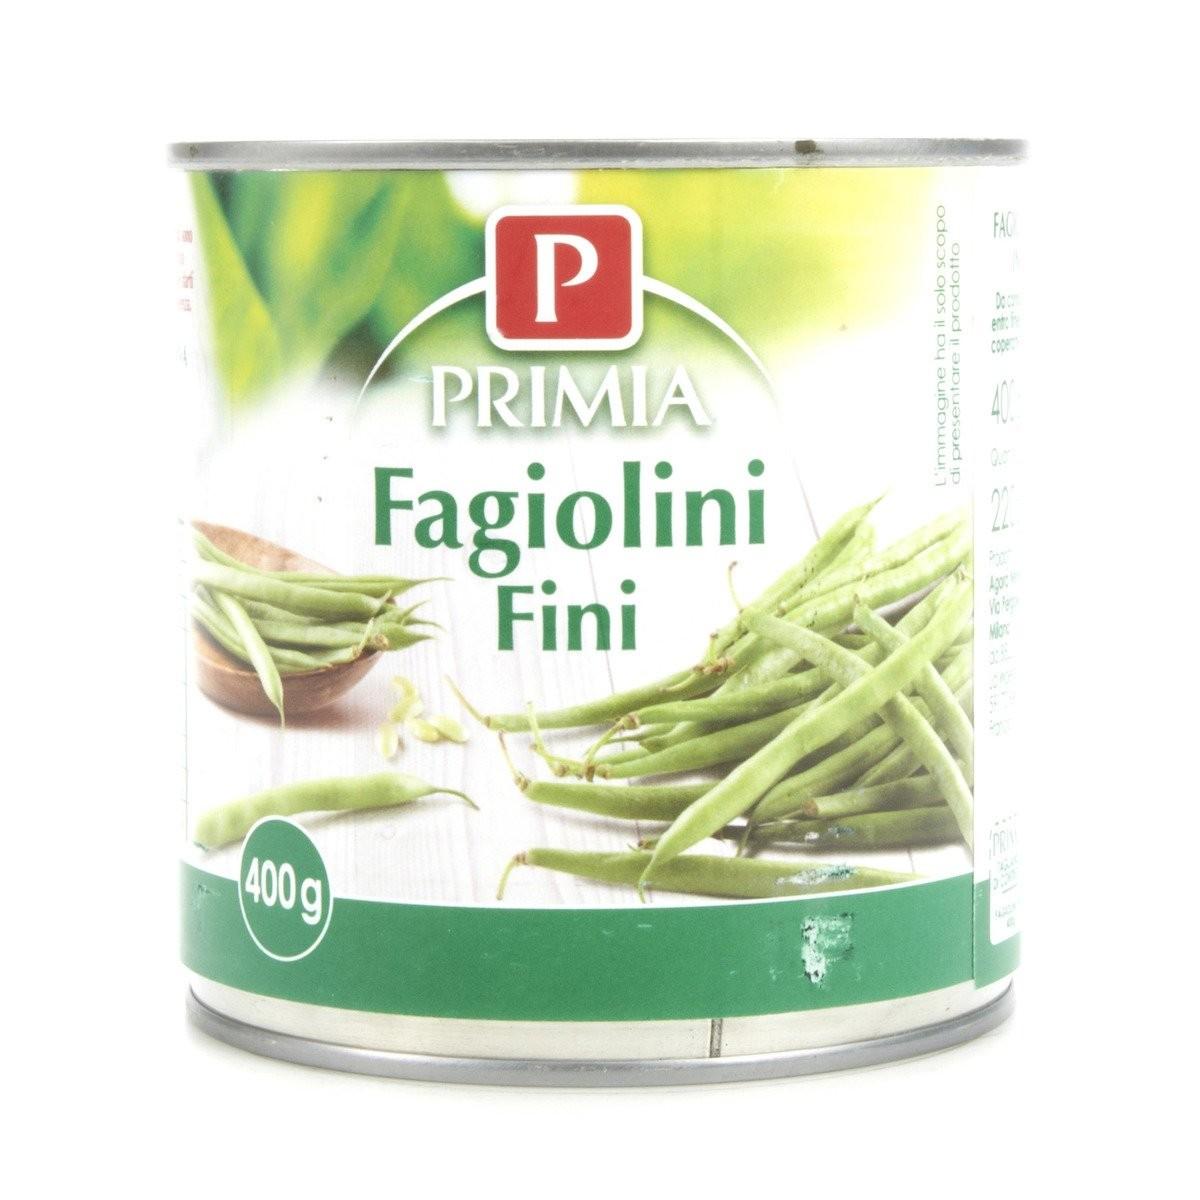 Primia Fagiolini fini